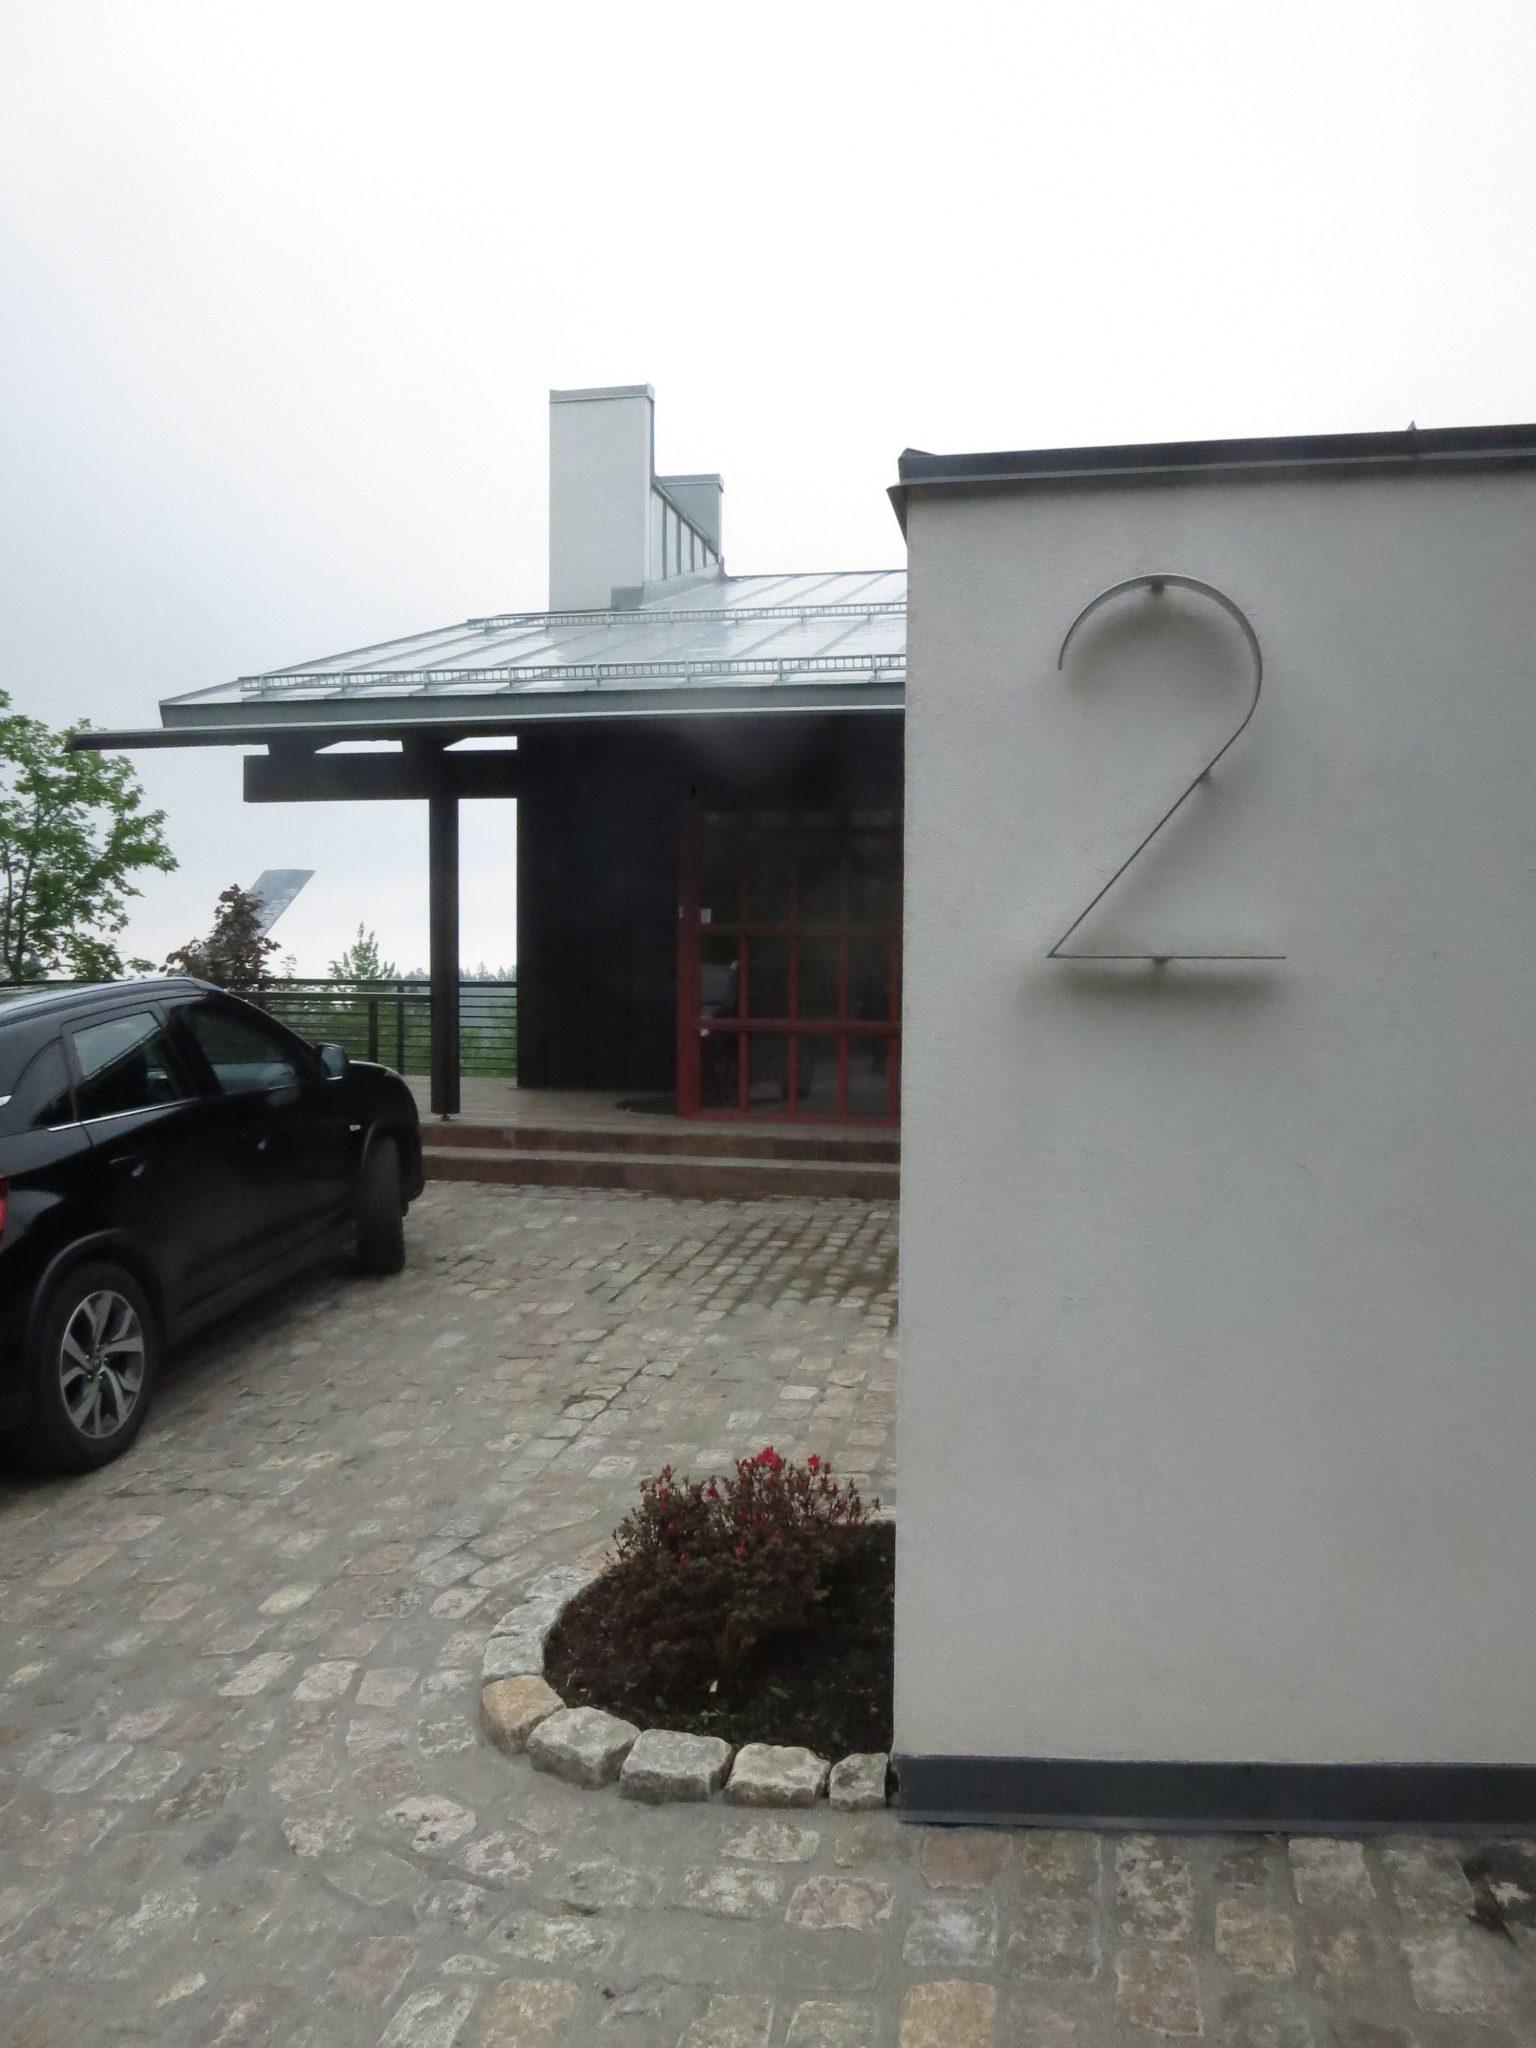 Entré till Villa Holmenkollen i Norge, ritad av Rex Arkitektbyrå